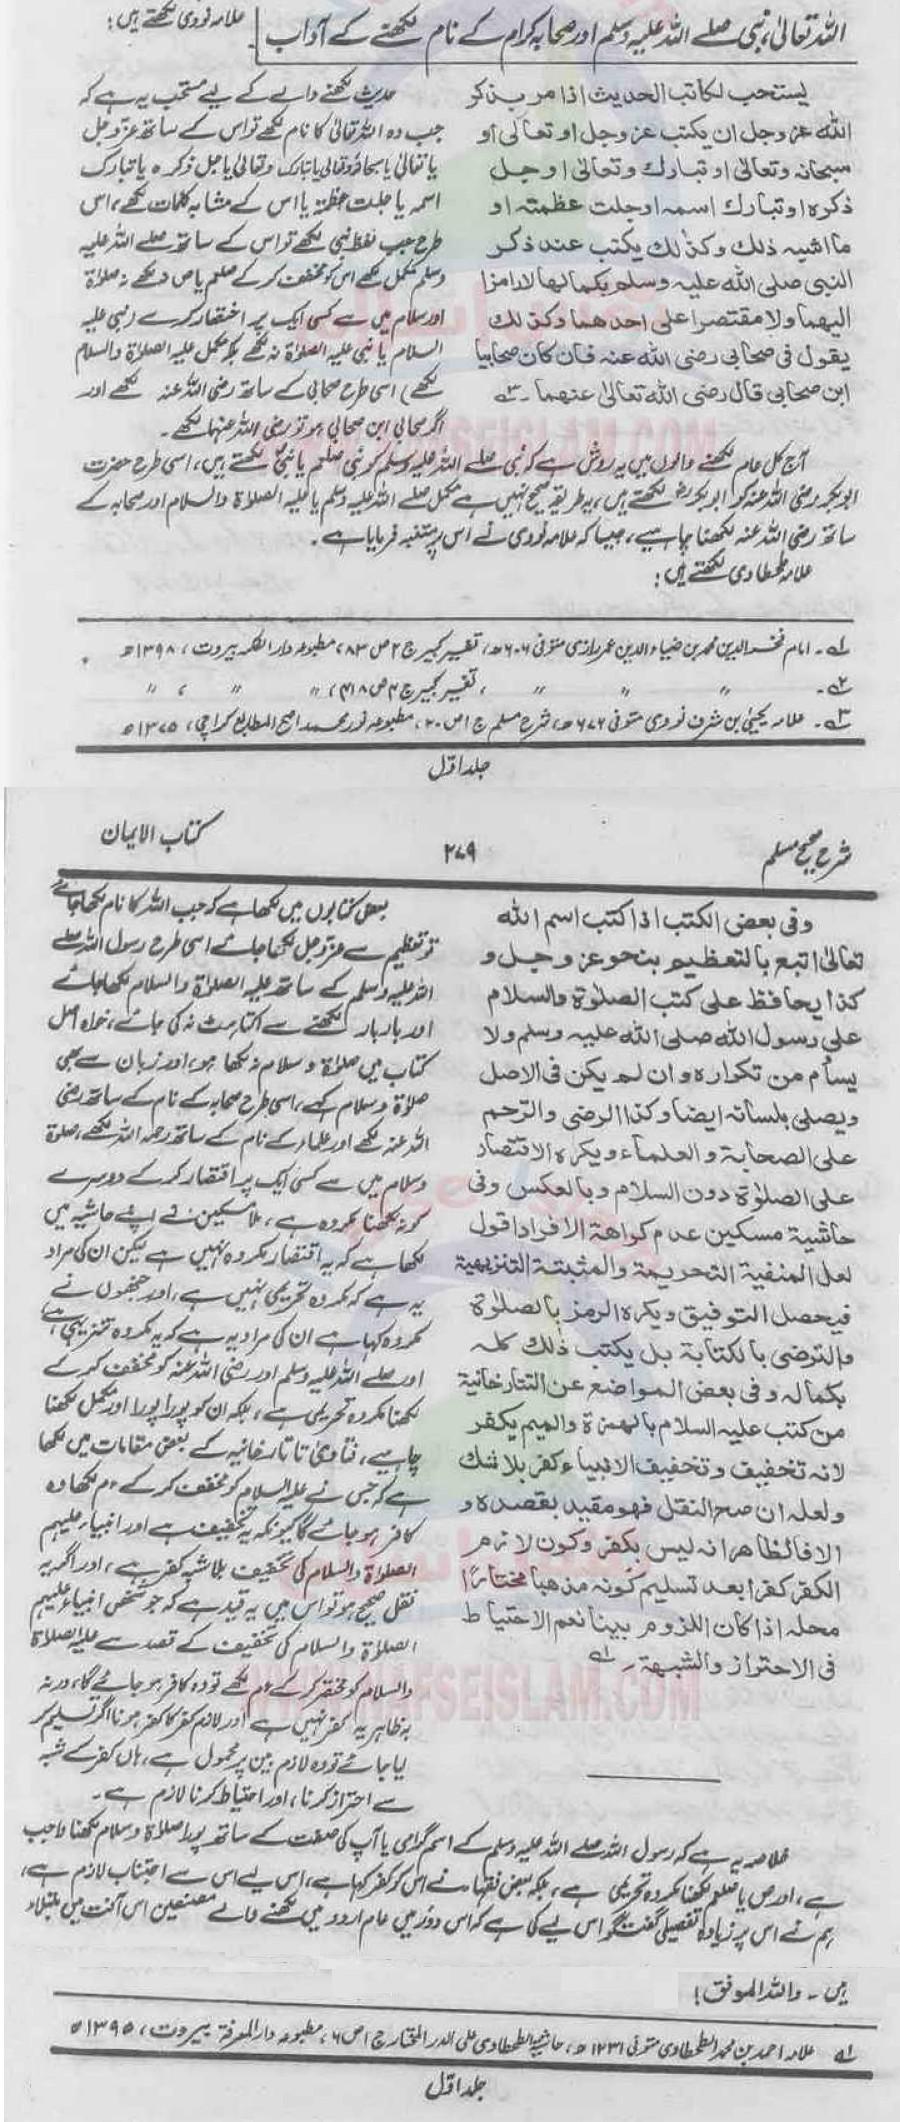 Mukammal Durood Shareef Likhna.jpg